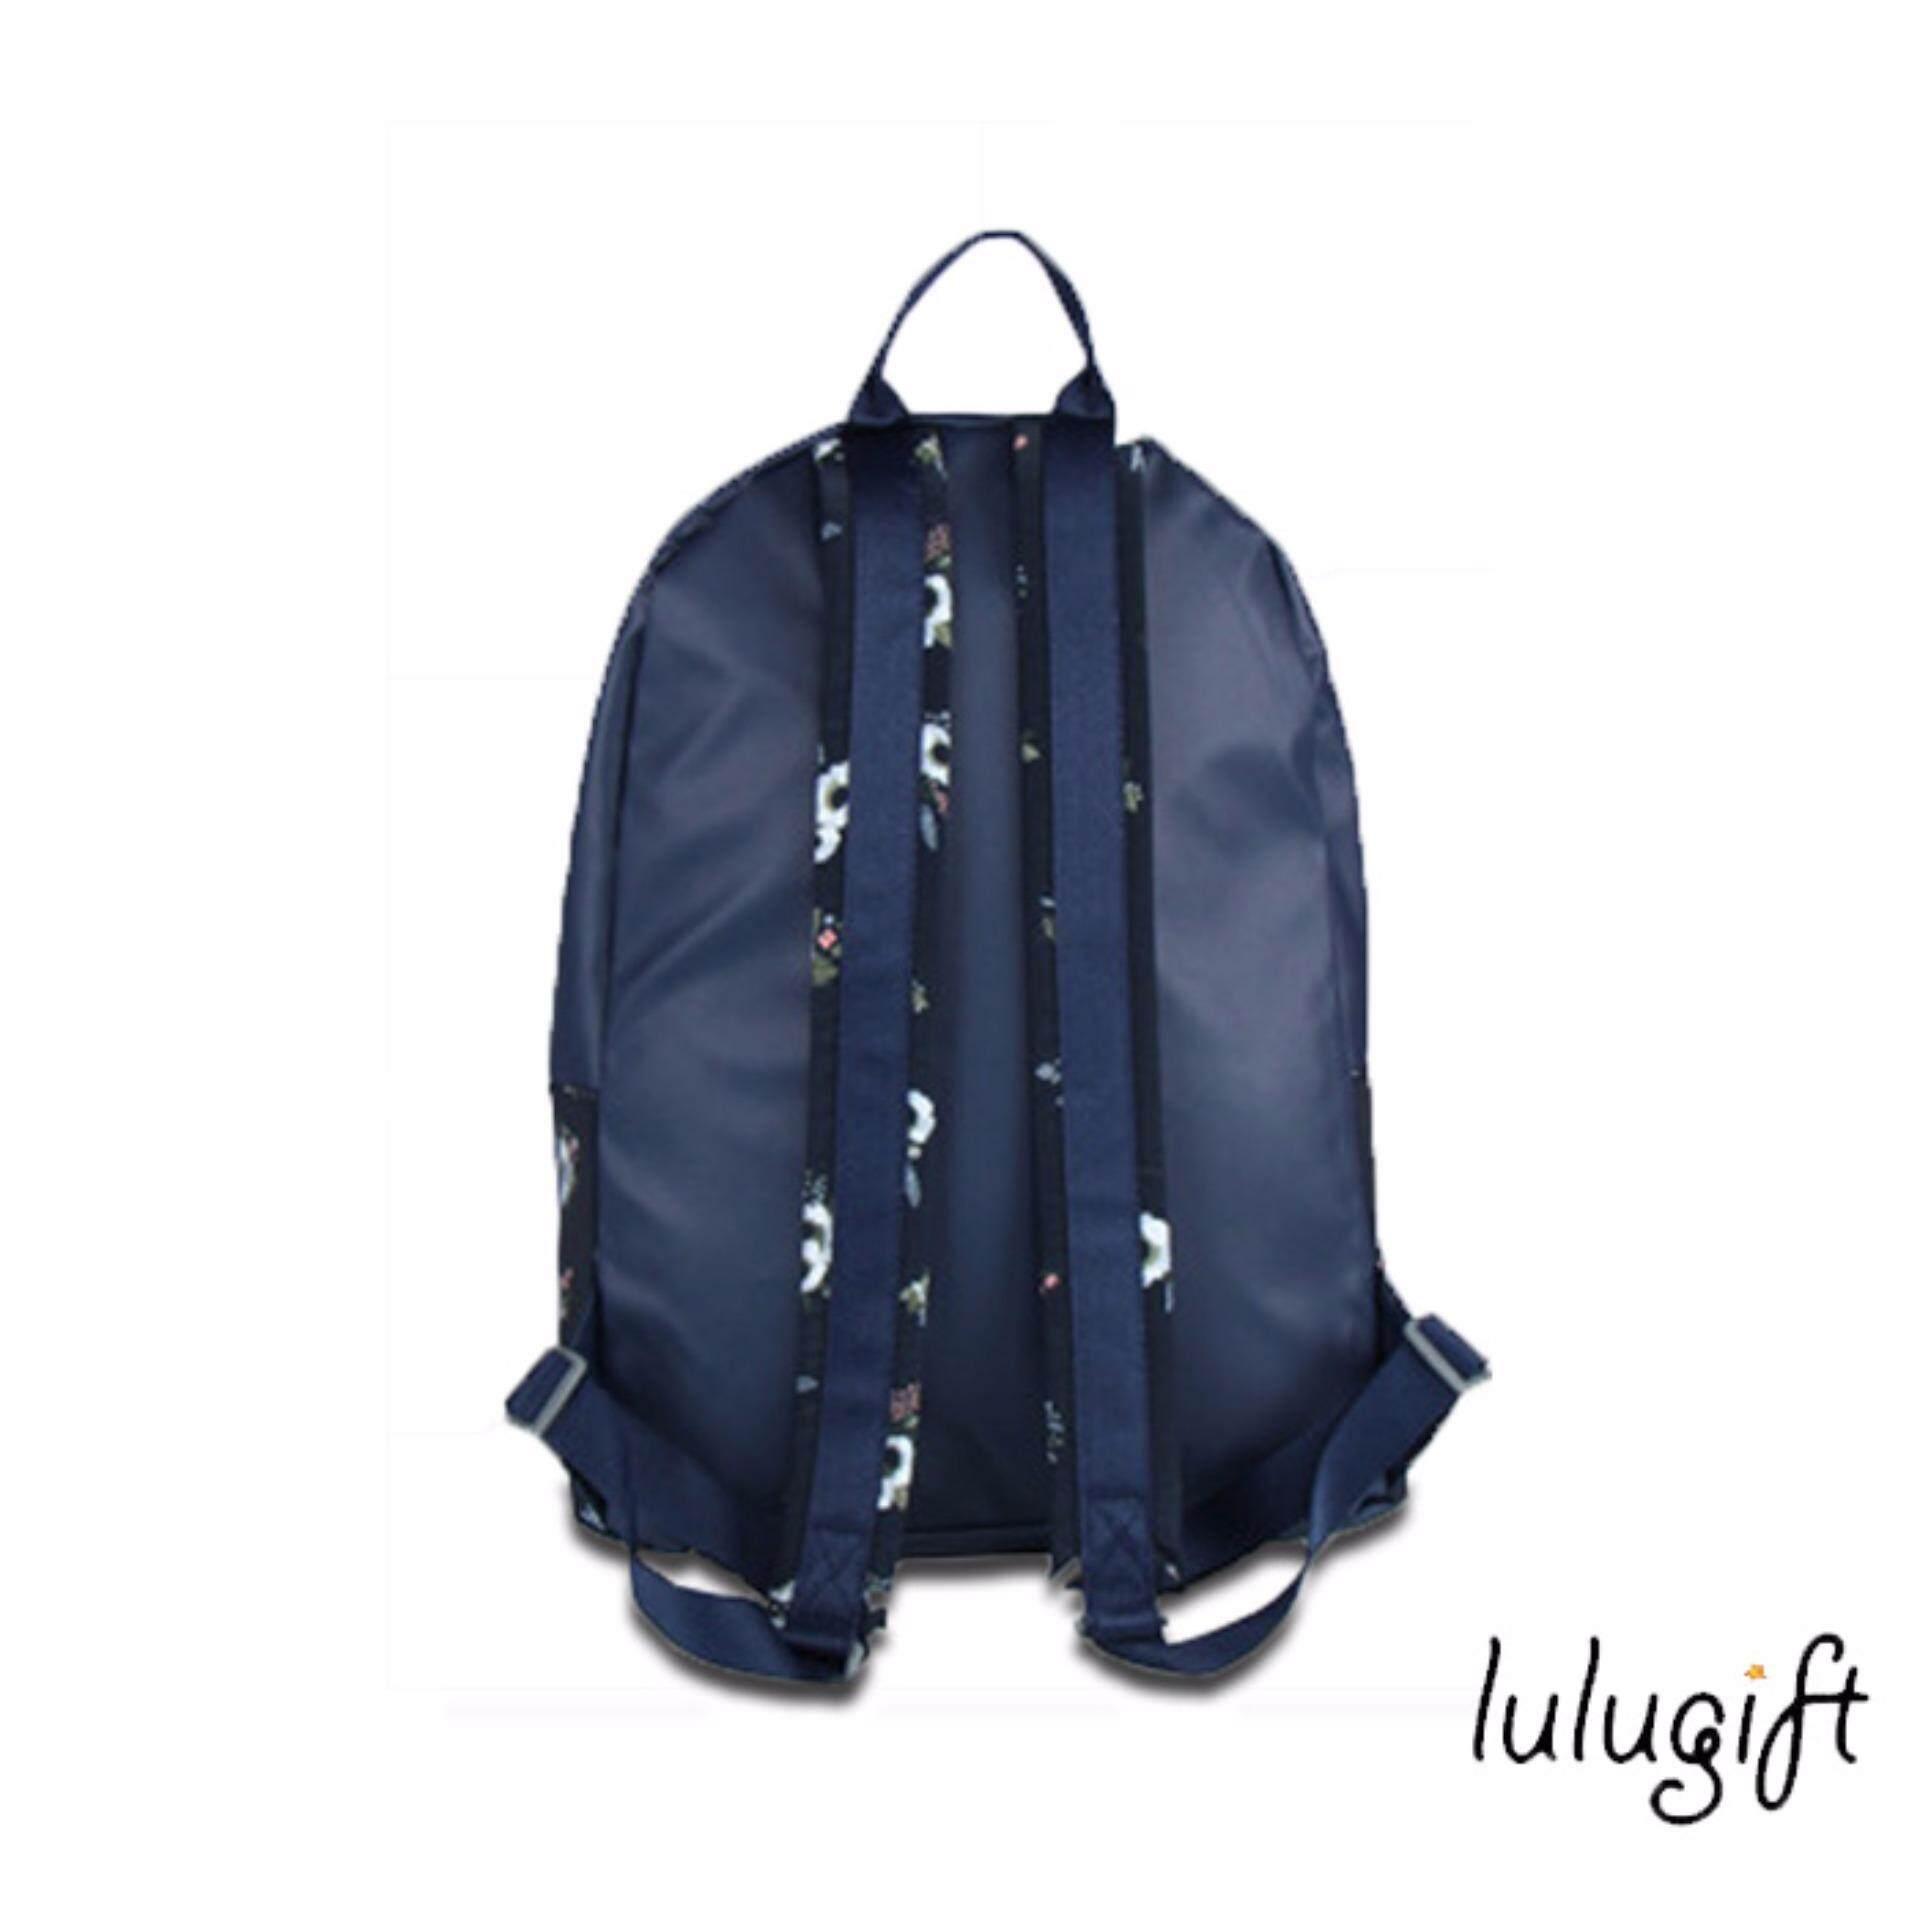 Lulugift Floral Casual WaterProof Backpack Black flowers